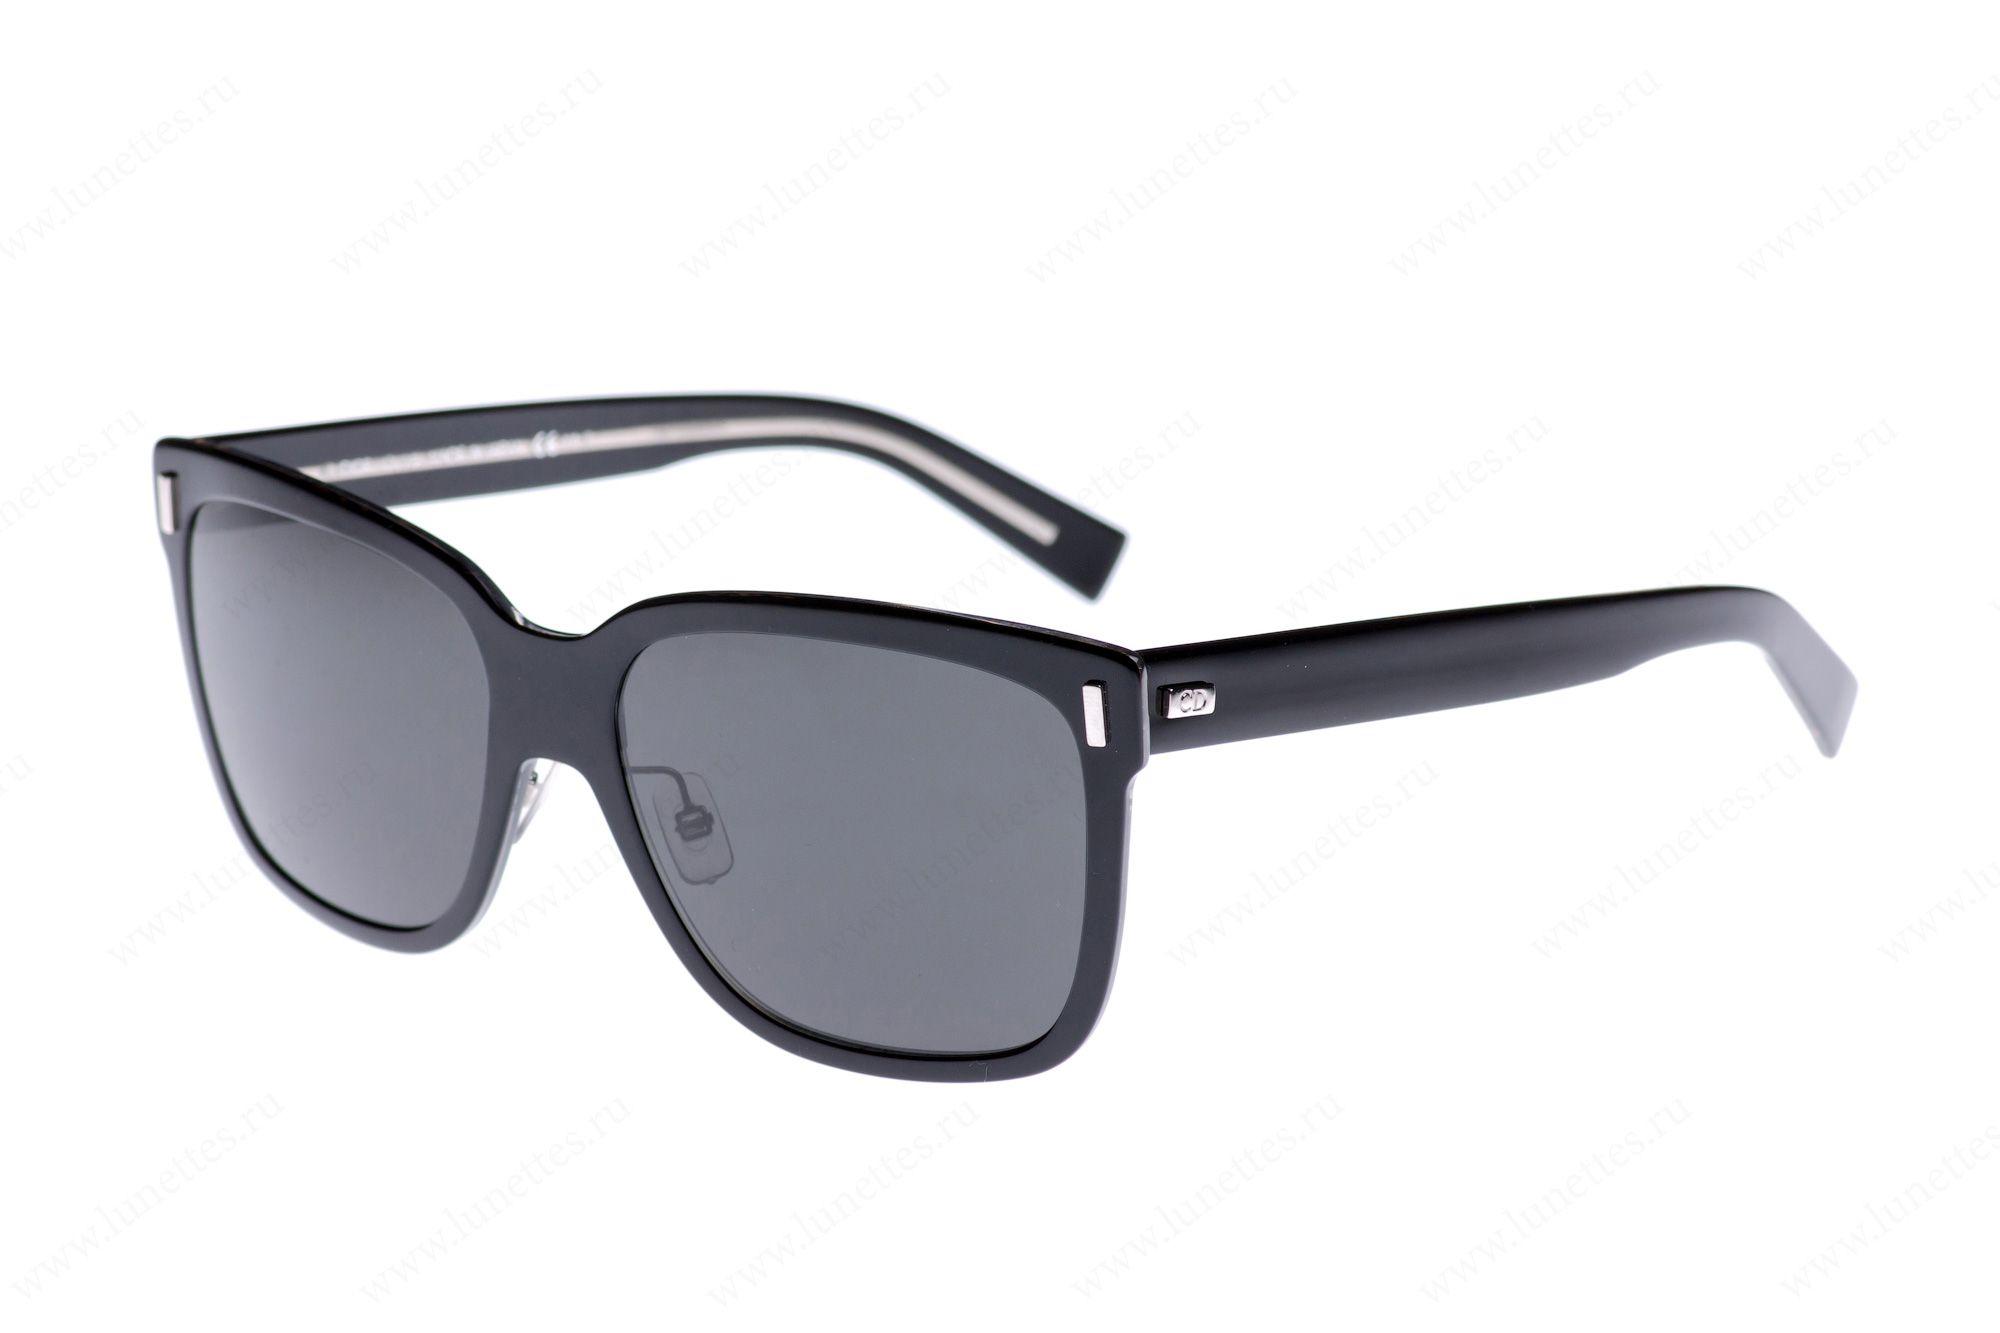 4be0c2b6ba3af Купить солнцезащитные очки Christian Dior Homme BLACKTIE2.0S F 7C5 в  интернет-магазине